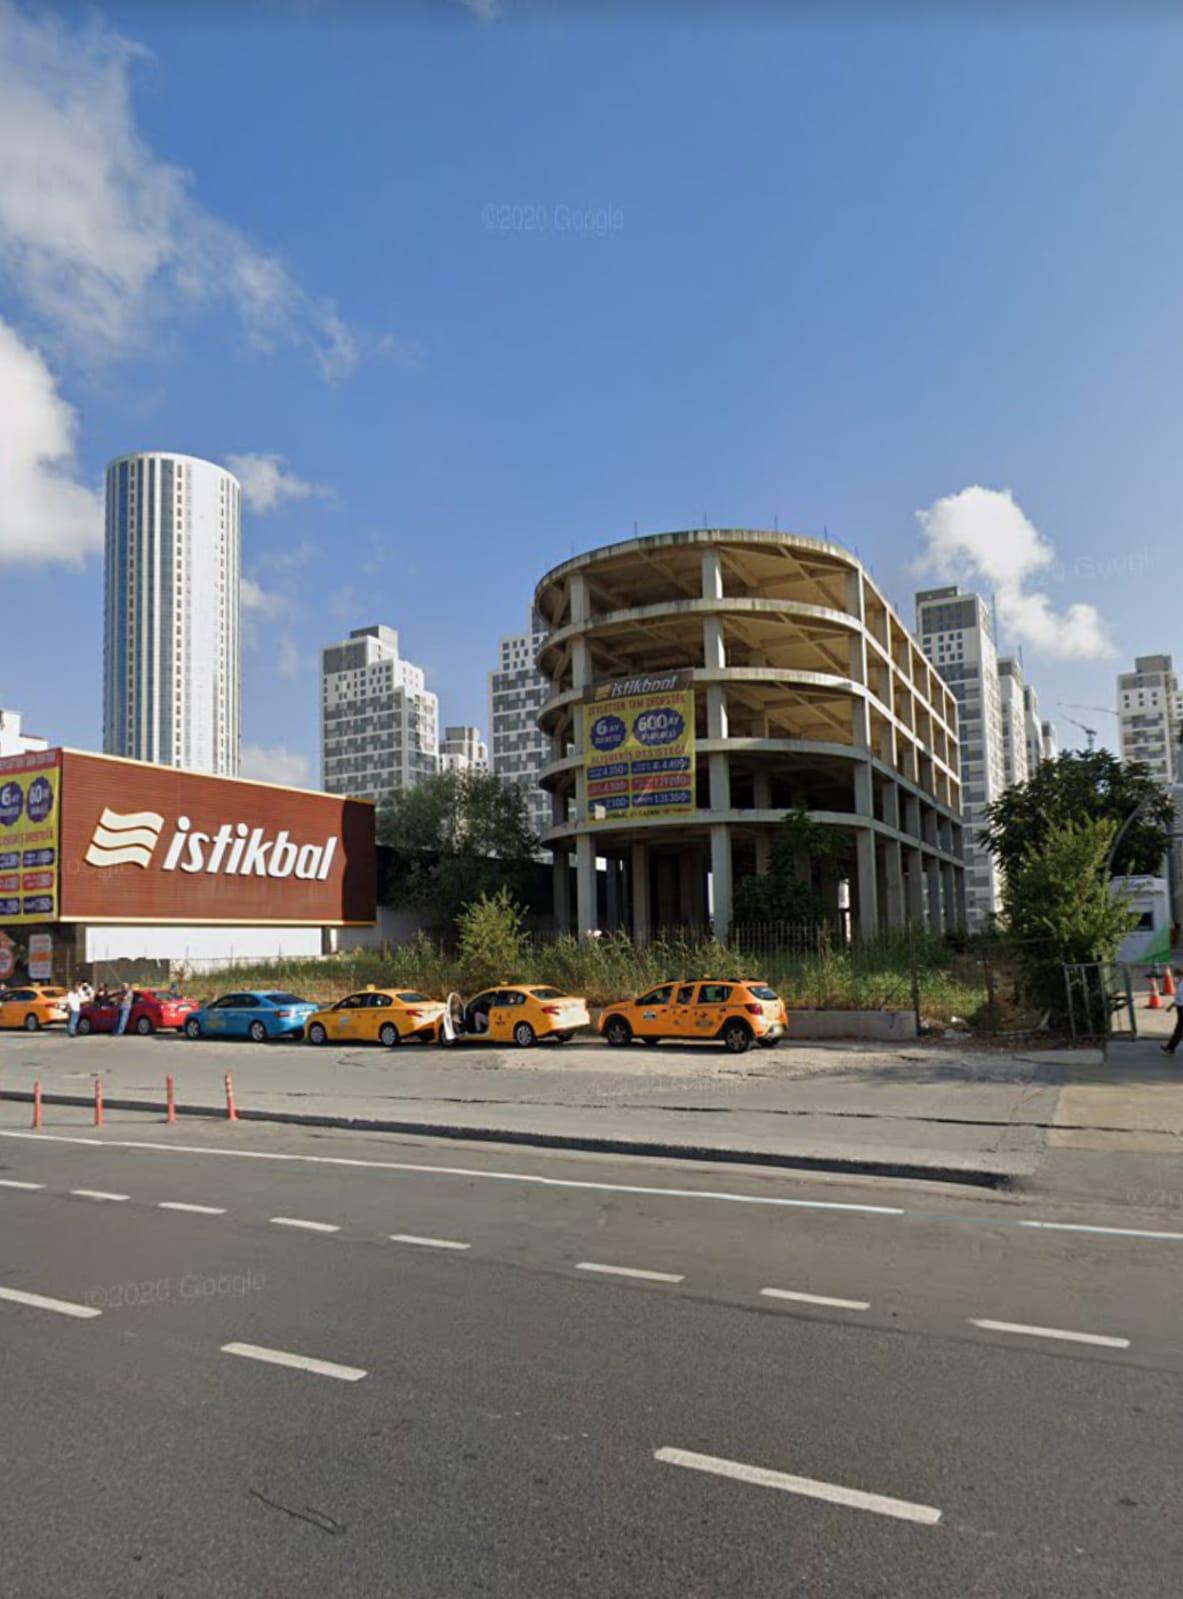 أرض للبيع في بيكنت… اسطنبول